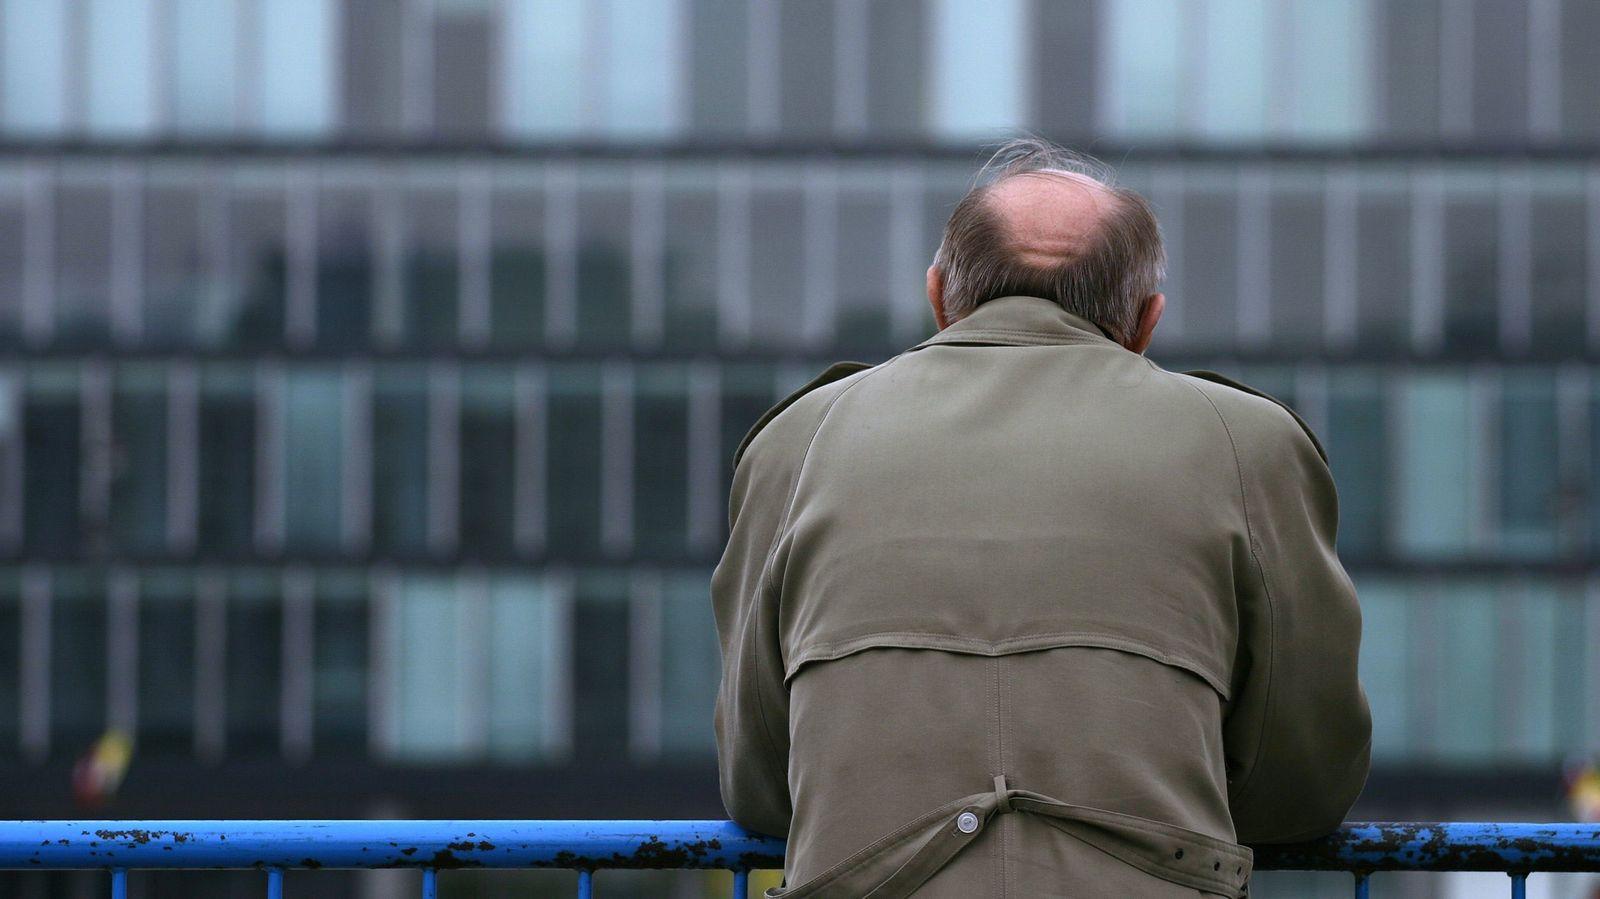 定年後に「孤立した迷惑老人」となるオジサンに共通すること 目標、収入、居場所が「ない」